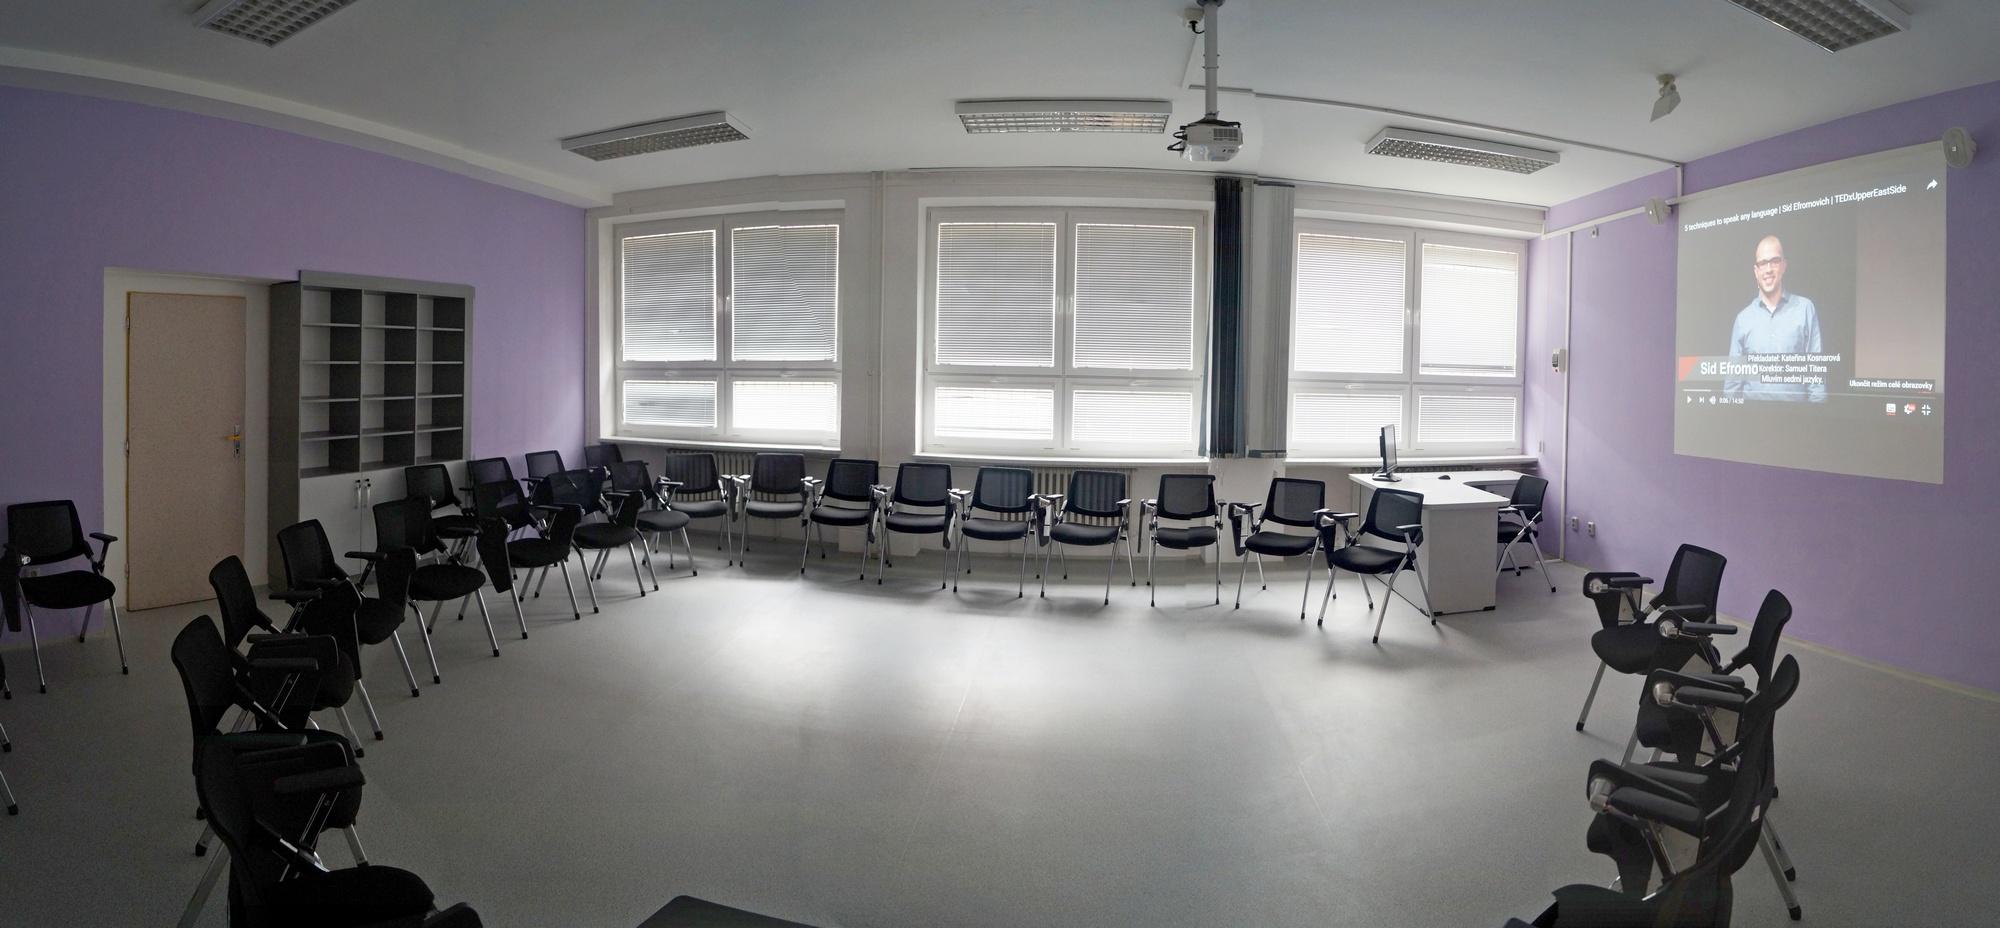 Pronájem učeben, auly OA Ostrava Mariánské Hory